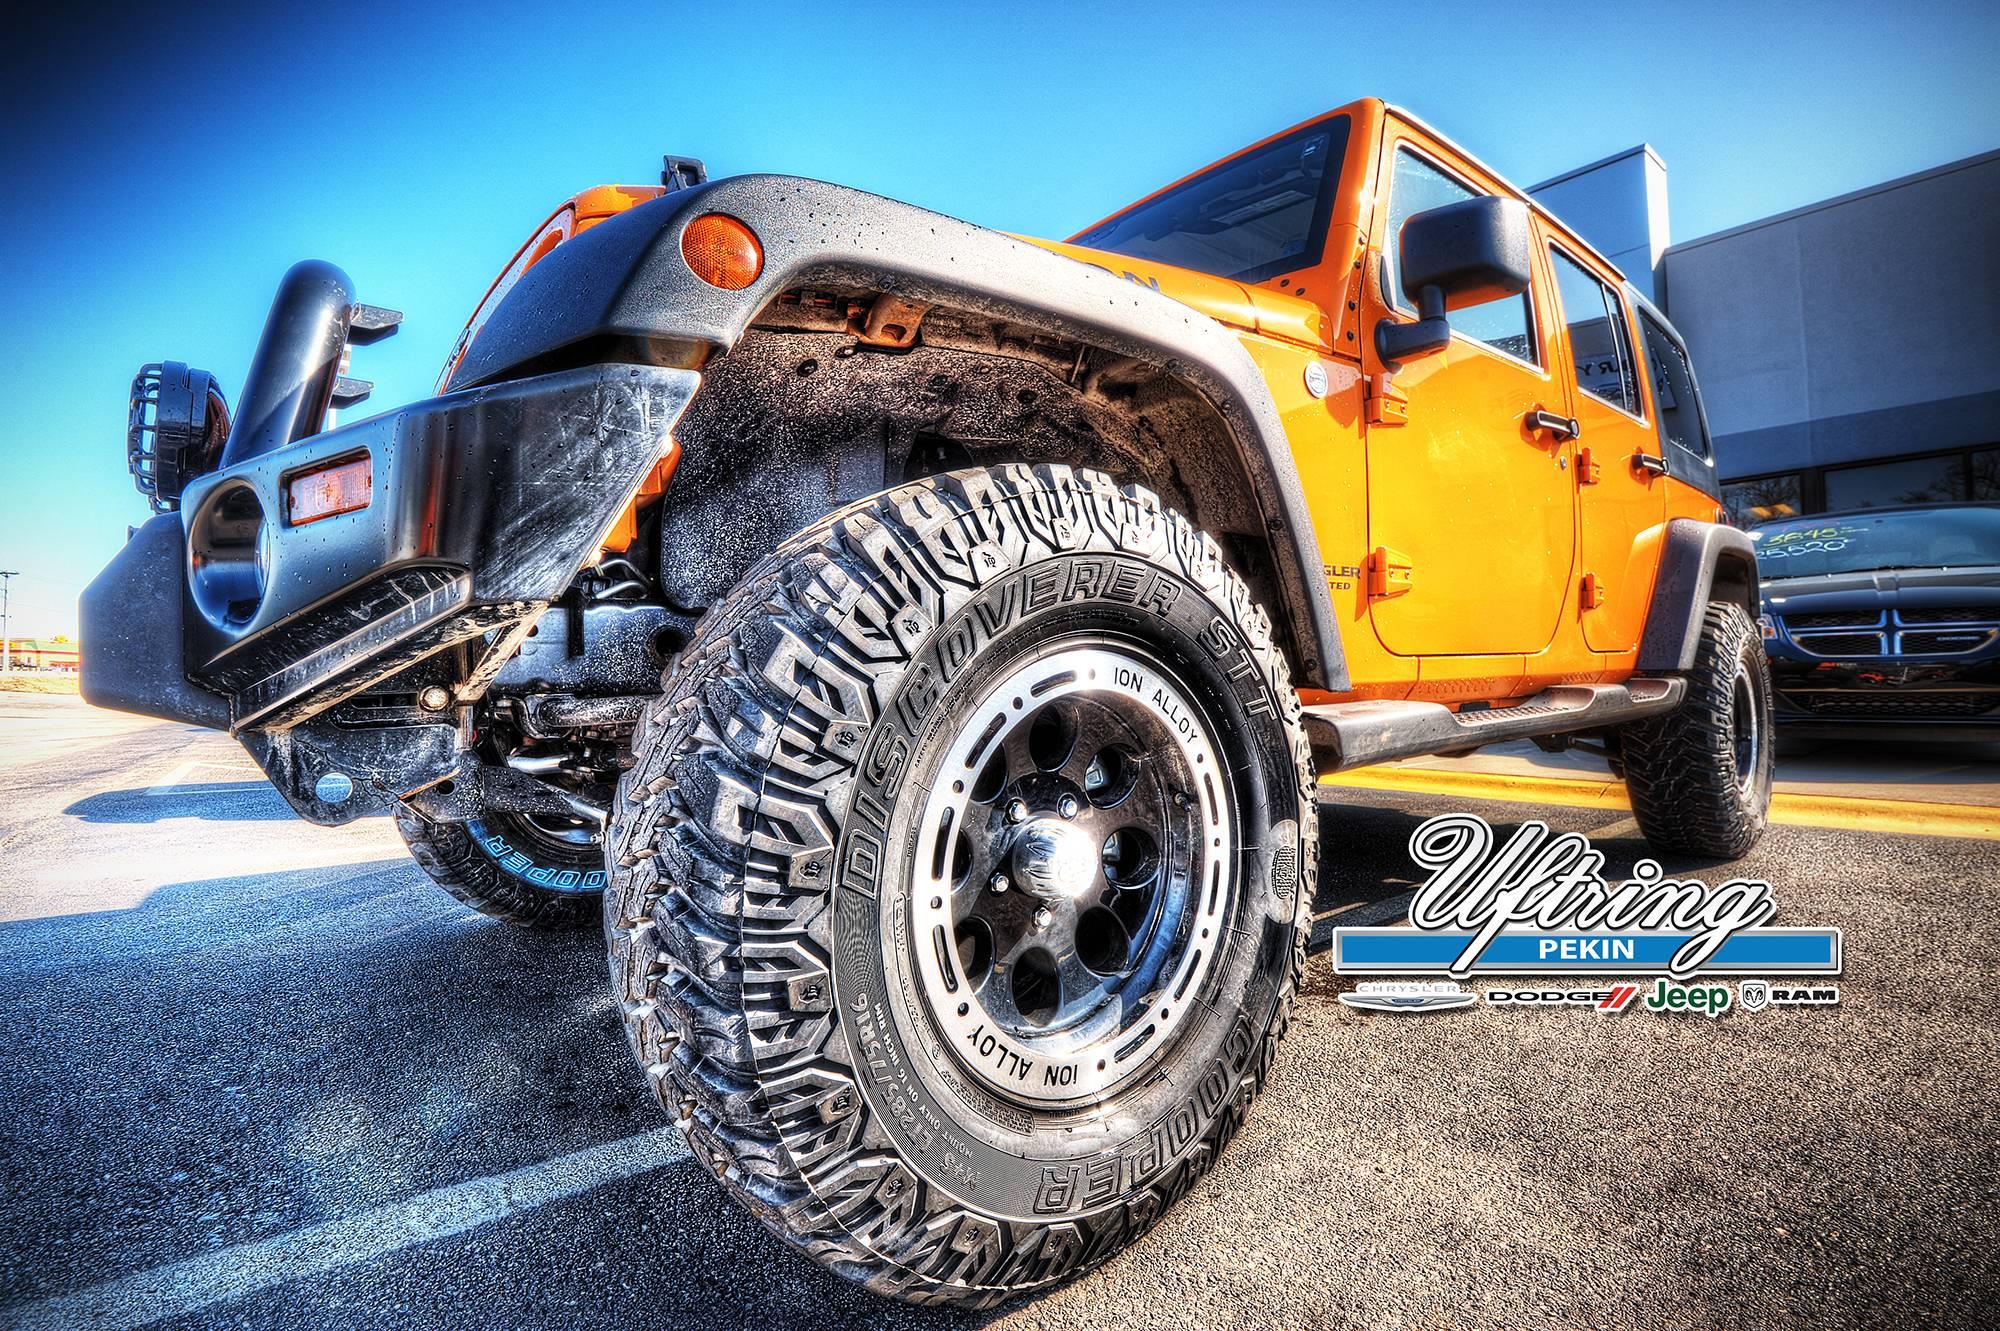 Chrysler, Jeep, Dodge & RAM Wallpapers | Uftring Chrysler-Dodge ...